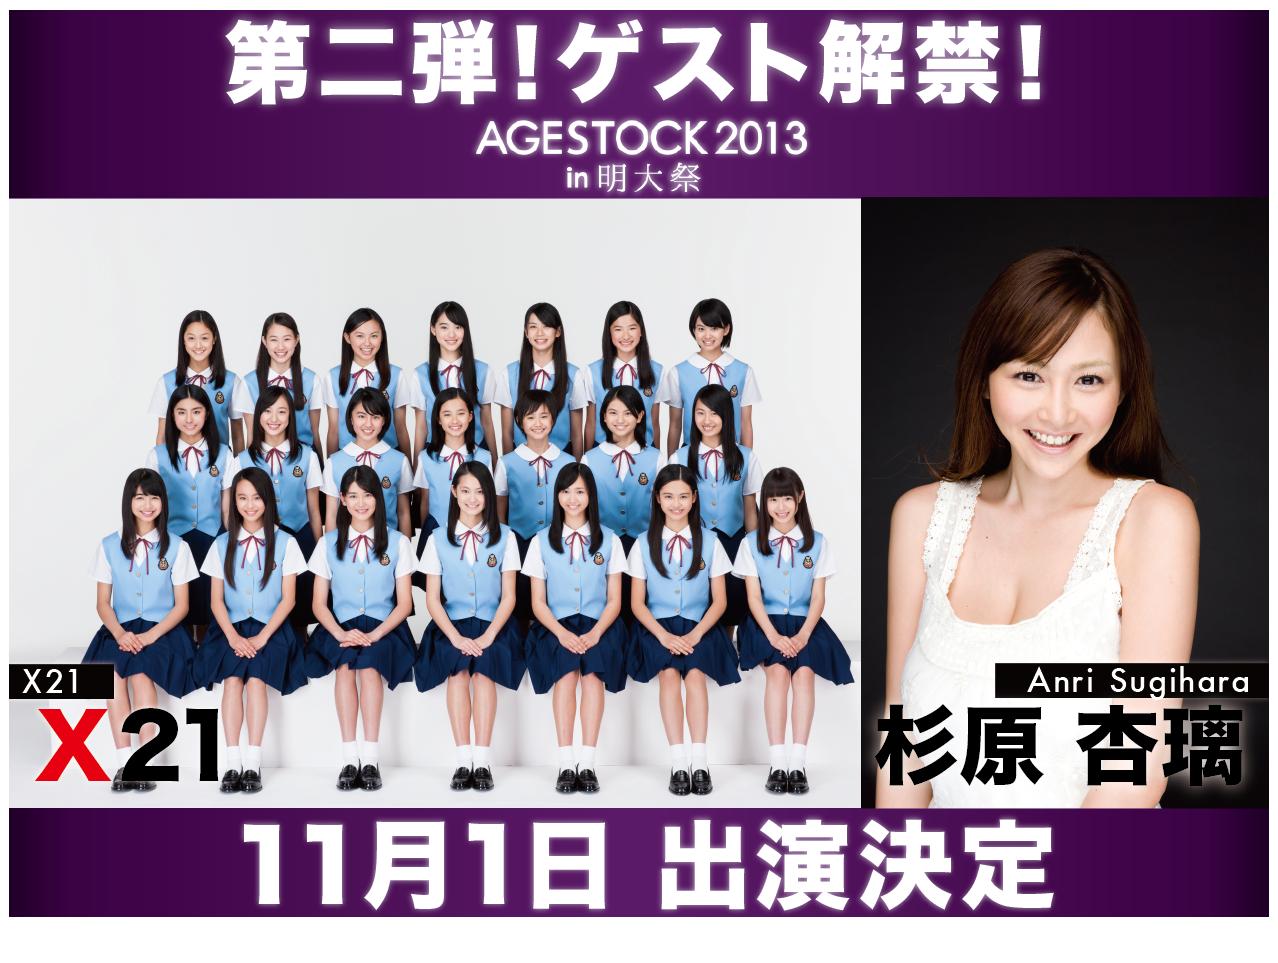 【AGESTOCK2013】X21様・杉原杏璃様-Facebook情報解禁用画像